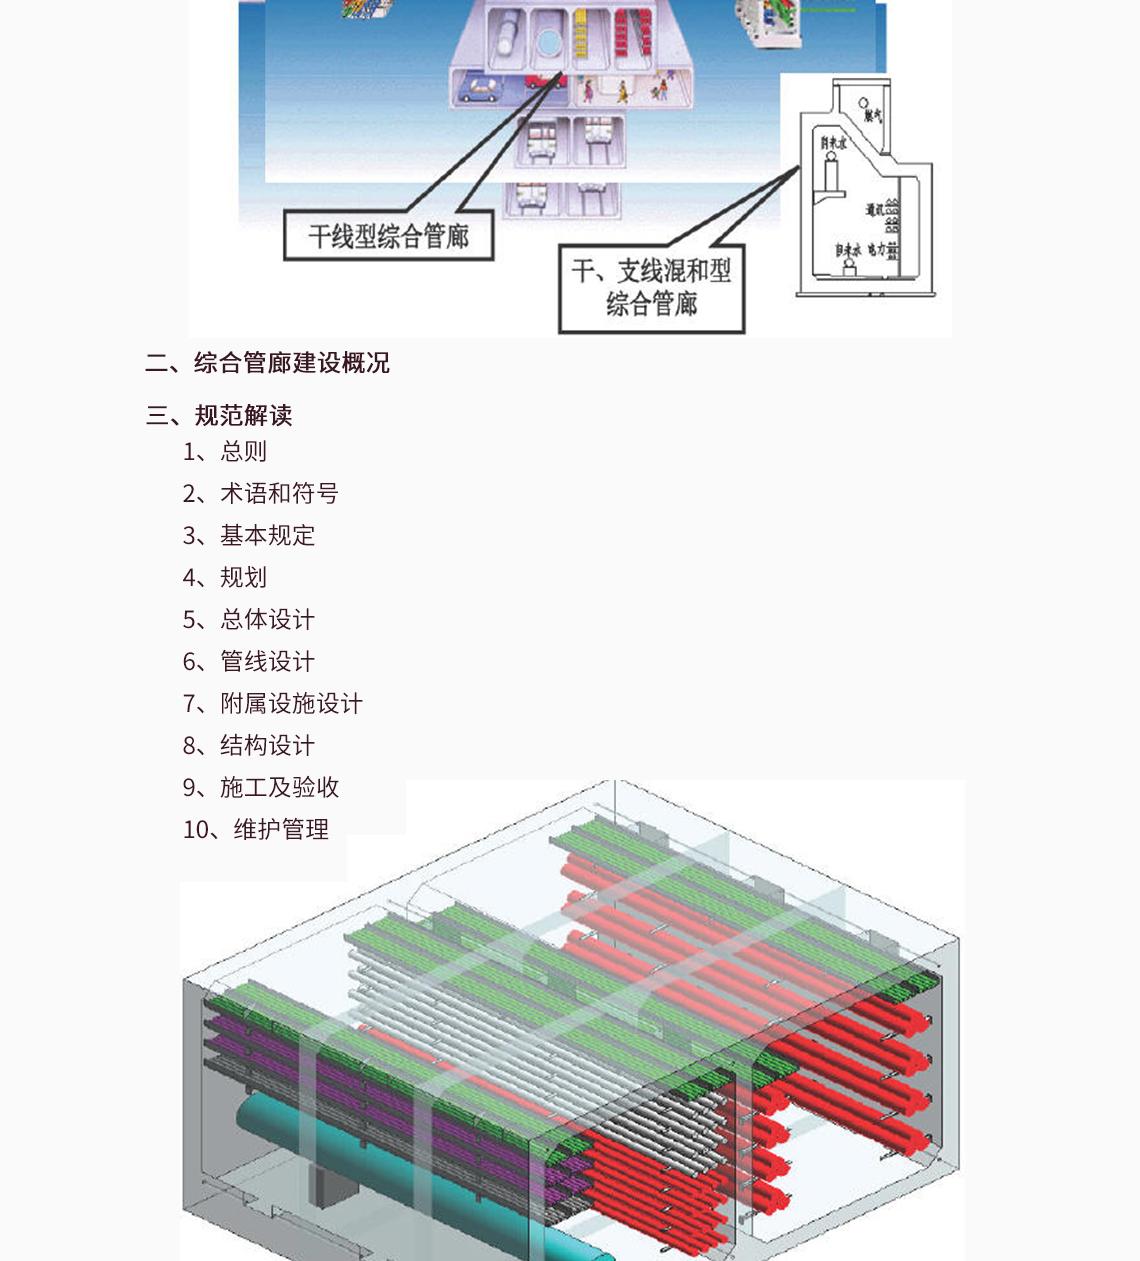 城市综合管廊工程技术规范,地下综合管廊系统,综合管廊项目划分,综合管沟国家规范  一、综合管廊简介   1、综合管廊政策导向  2、综合管廊的类型  3、综合管廊建设的必要性  4、综合管廊的优缺点